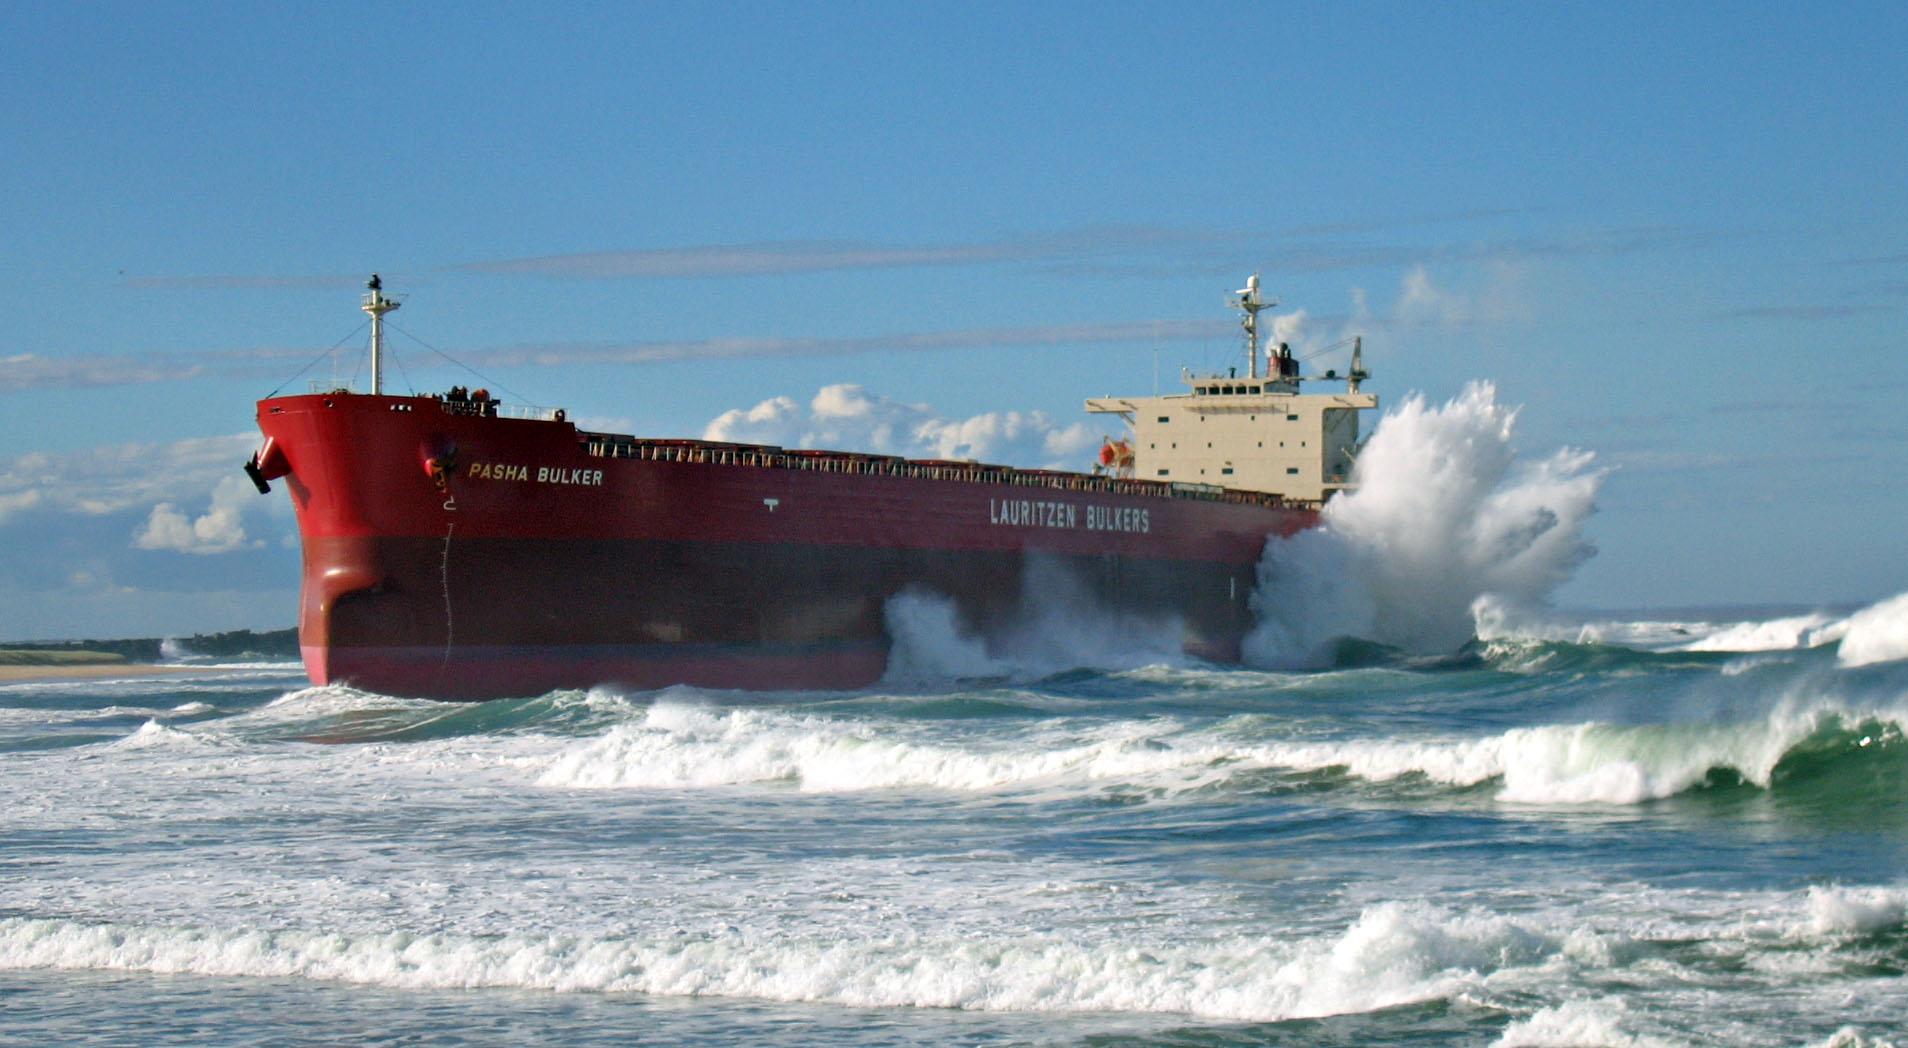 The  Pasha Bulka ran aground on Nobby's Beach, Newcastle (Australia)